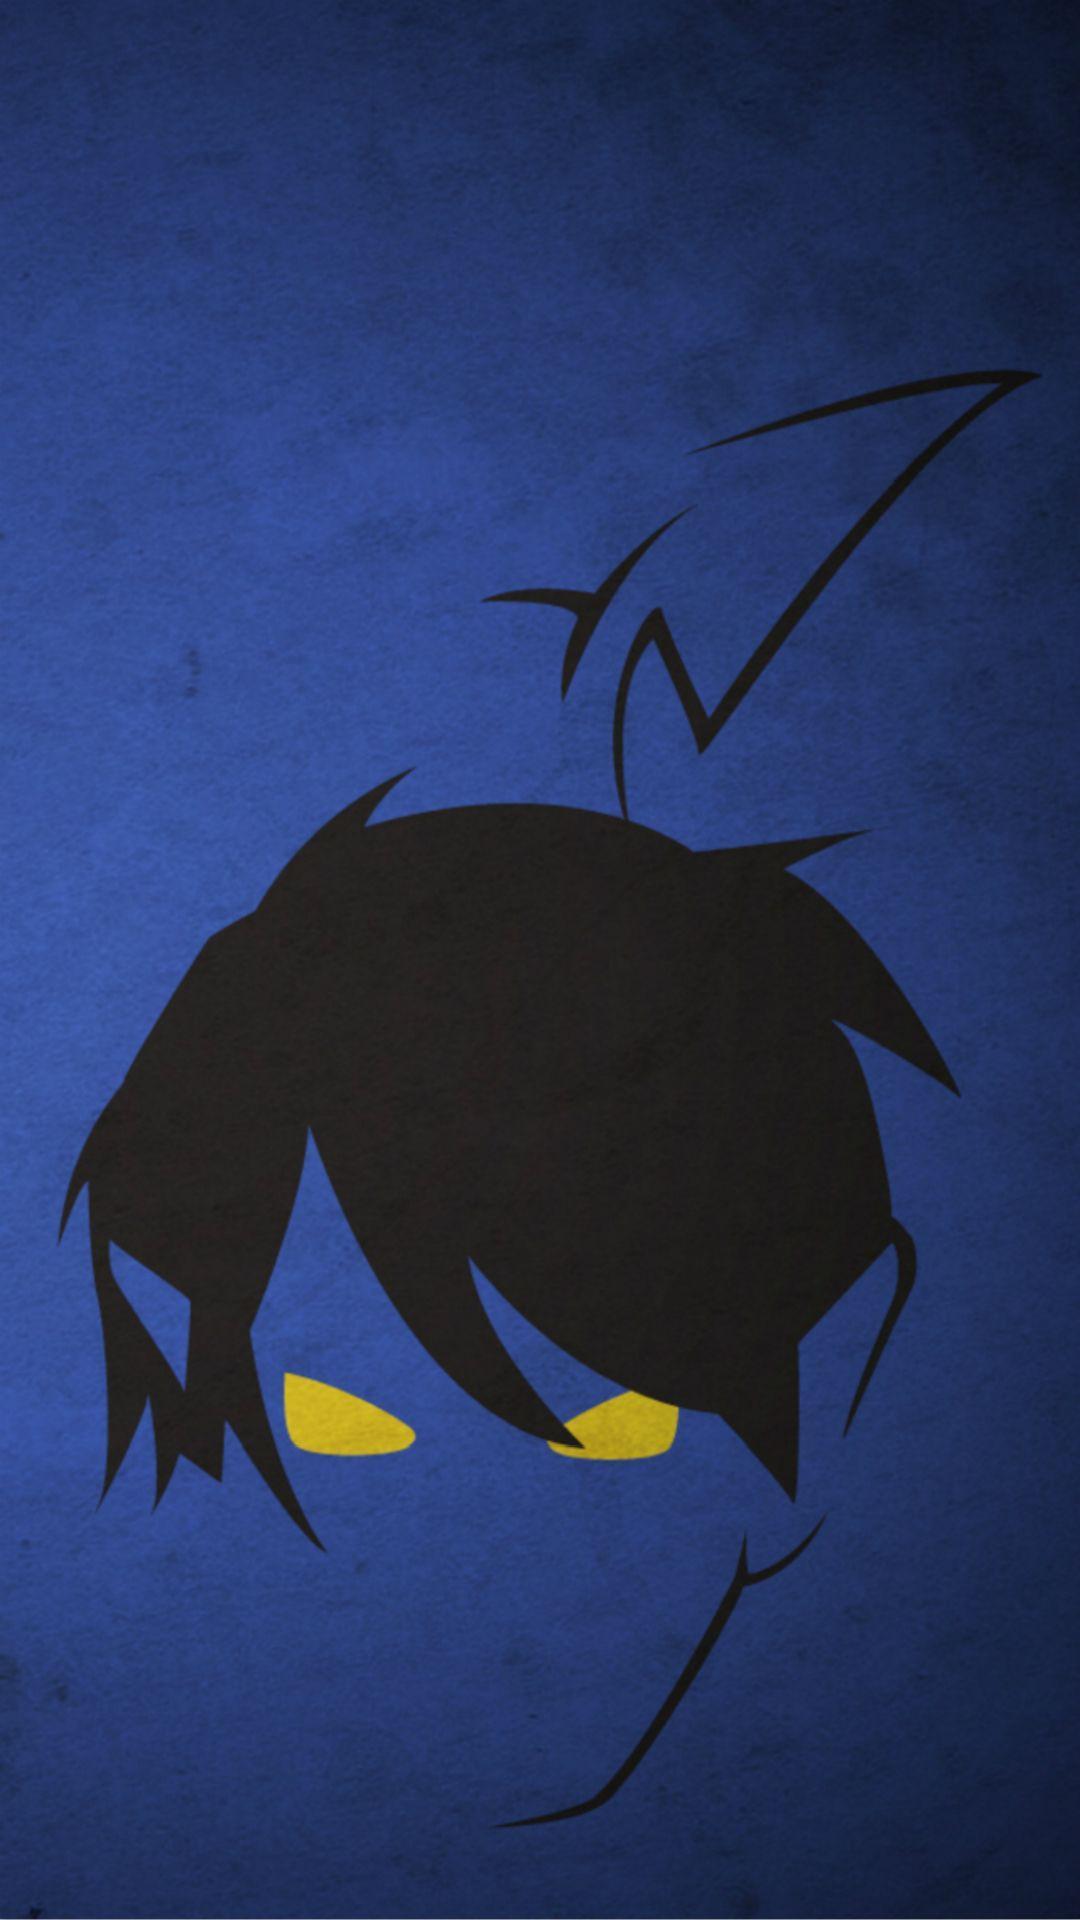 Dark Cartoon iPhone Wallpapers - Top